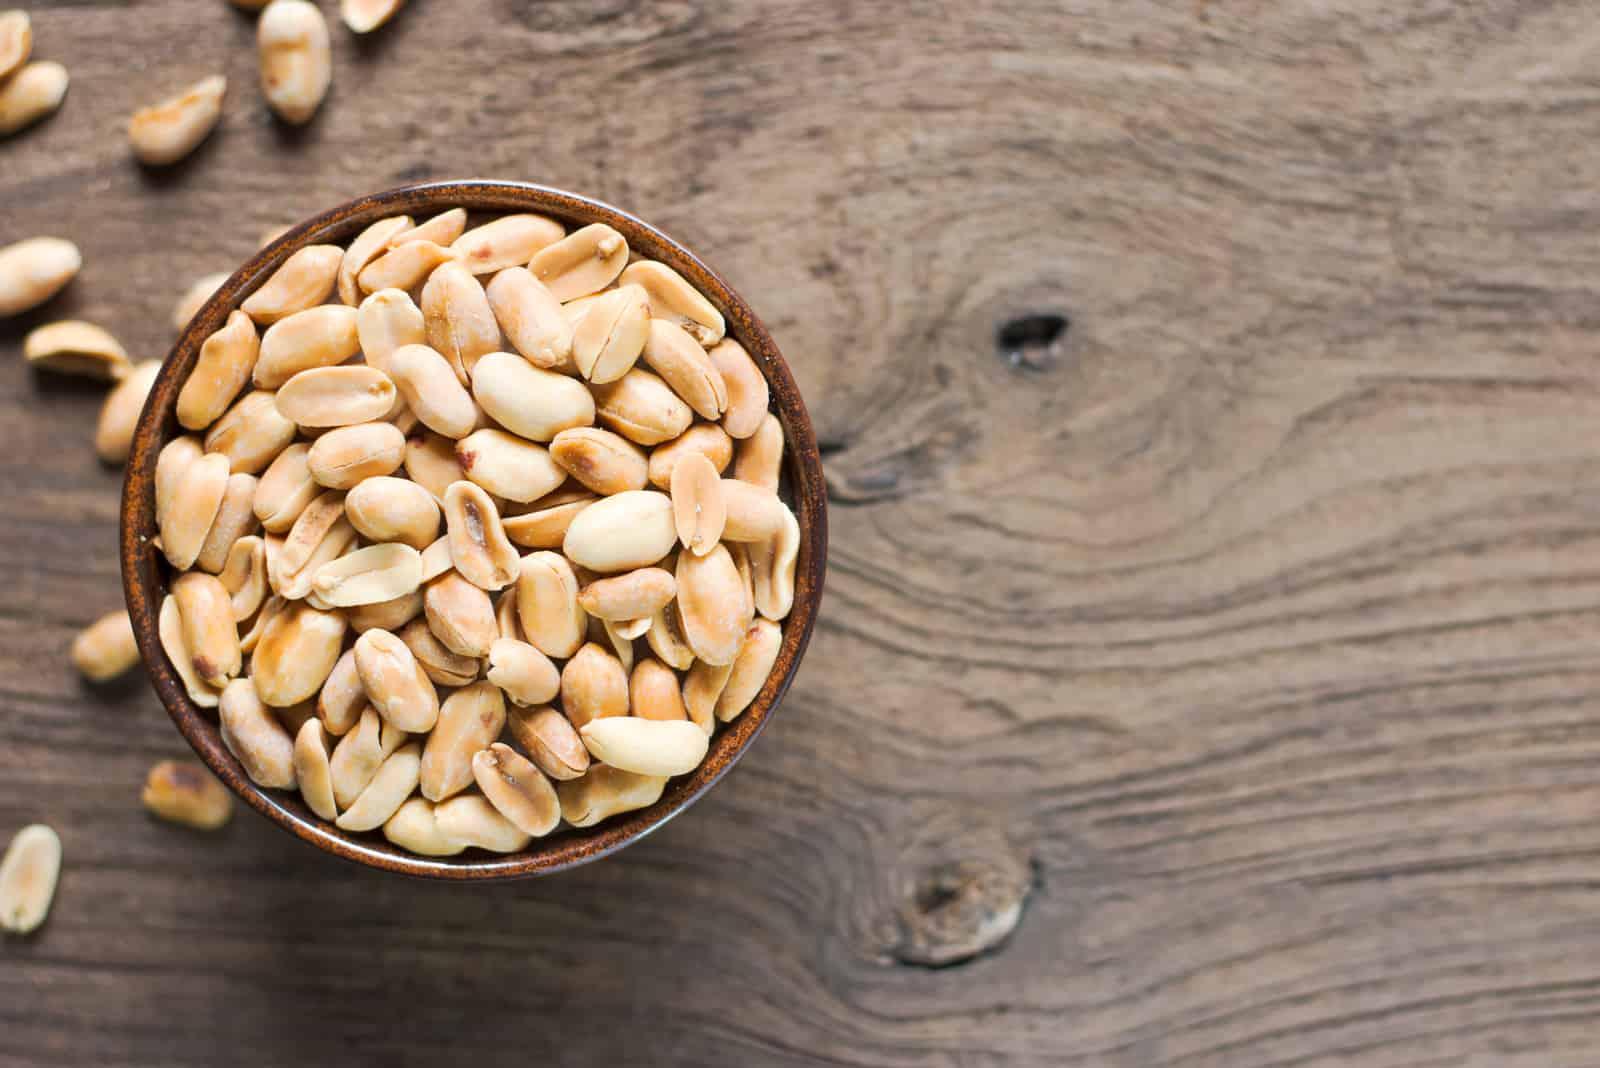 Geröstete Erdnüsse in eine Tasse geben